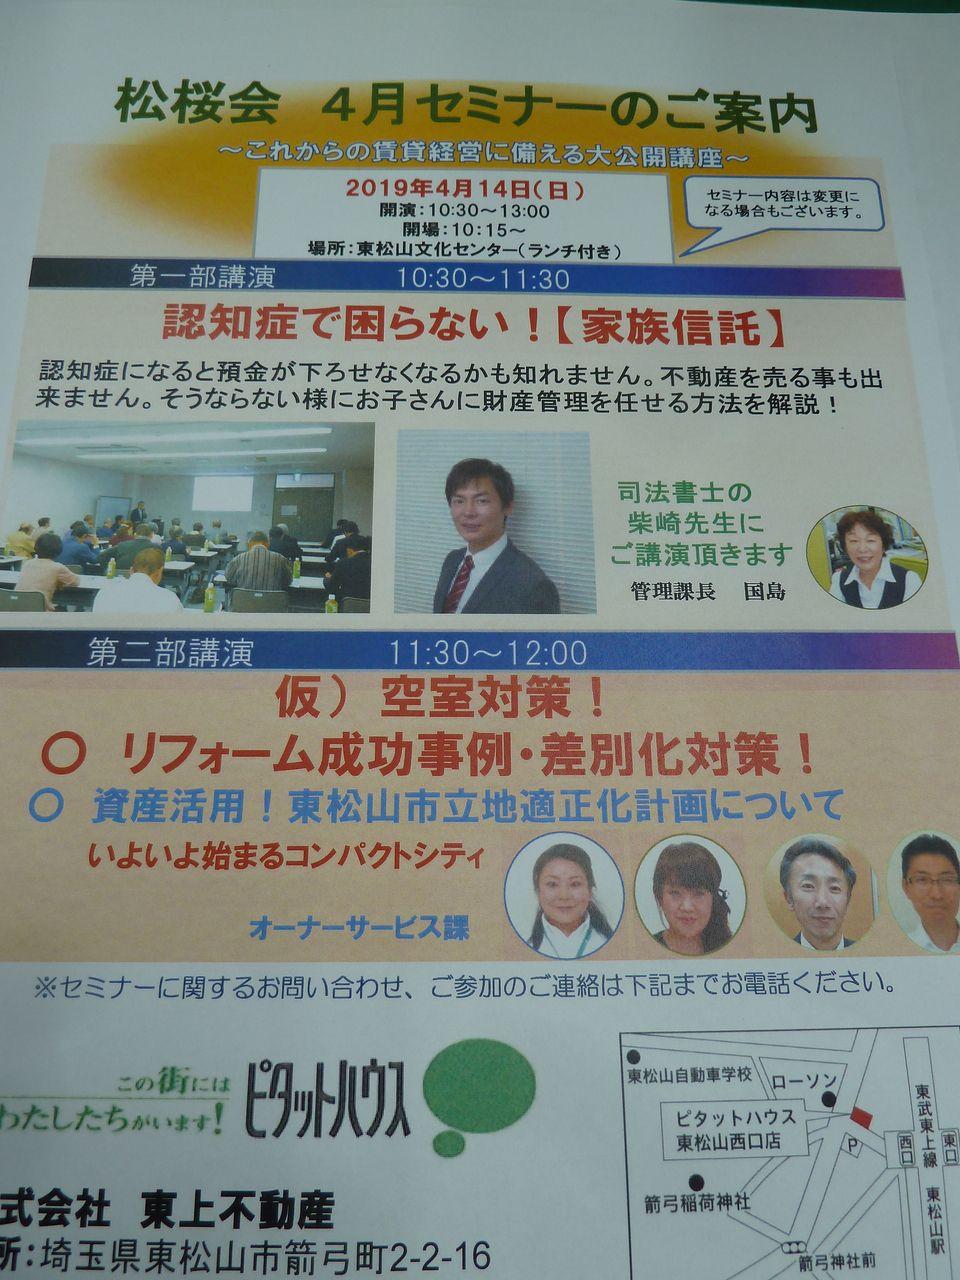 4月14日 松桜会106回セミナー開催します!